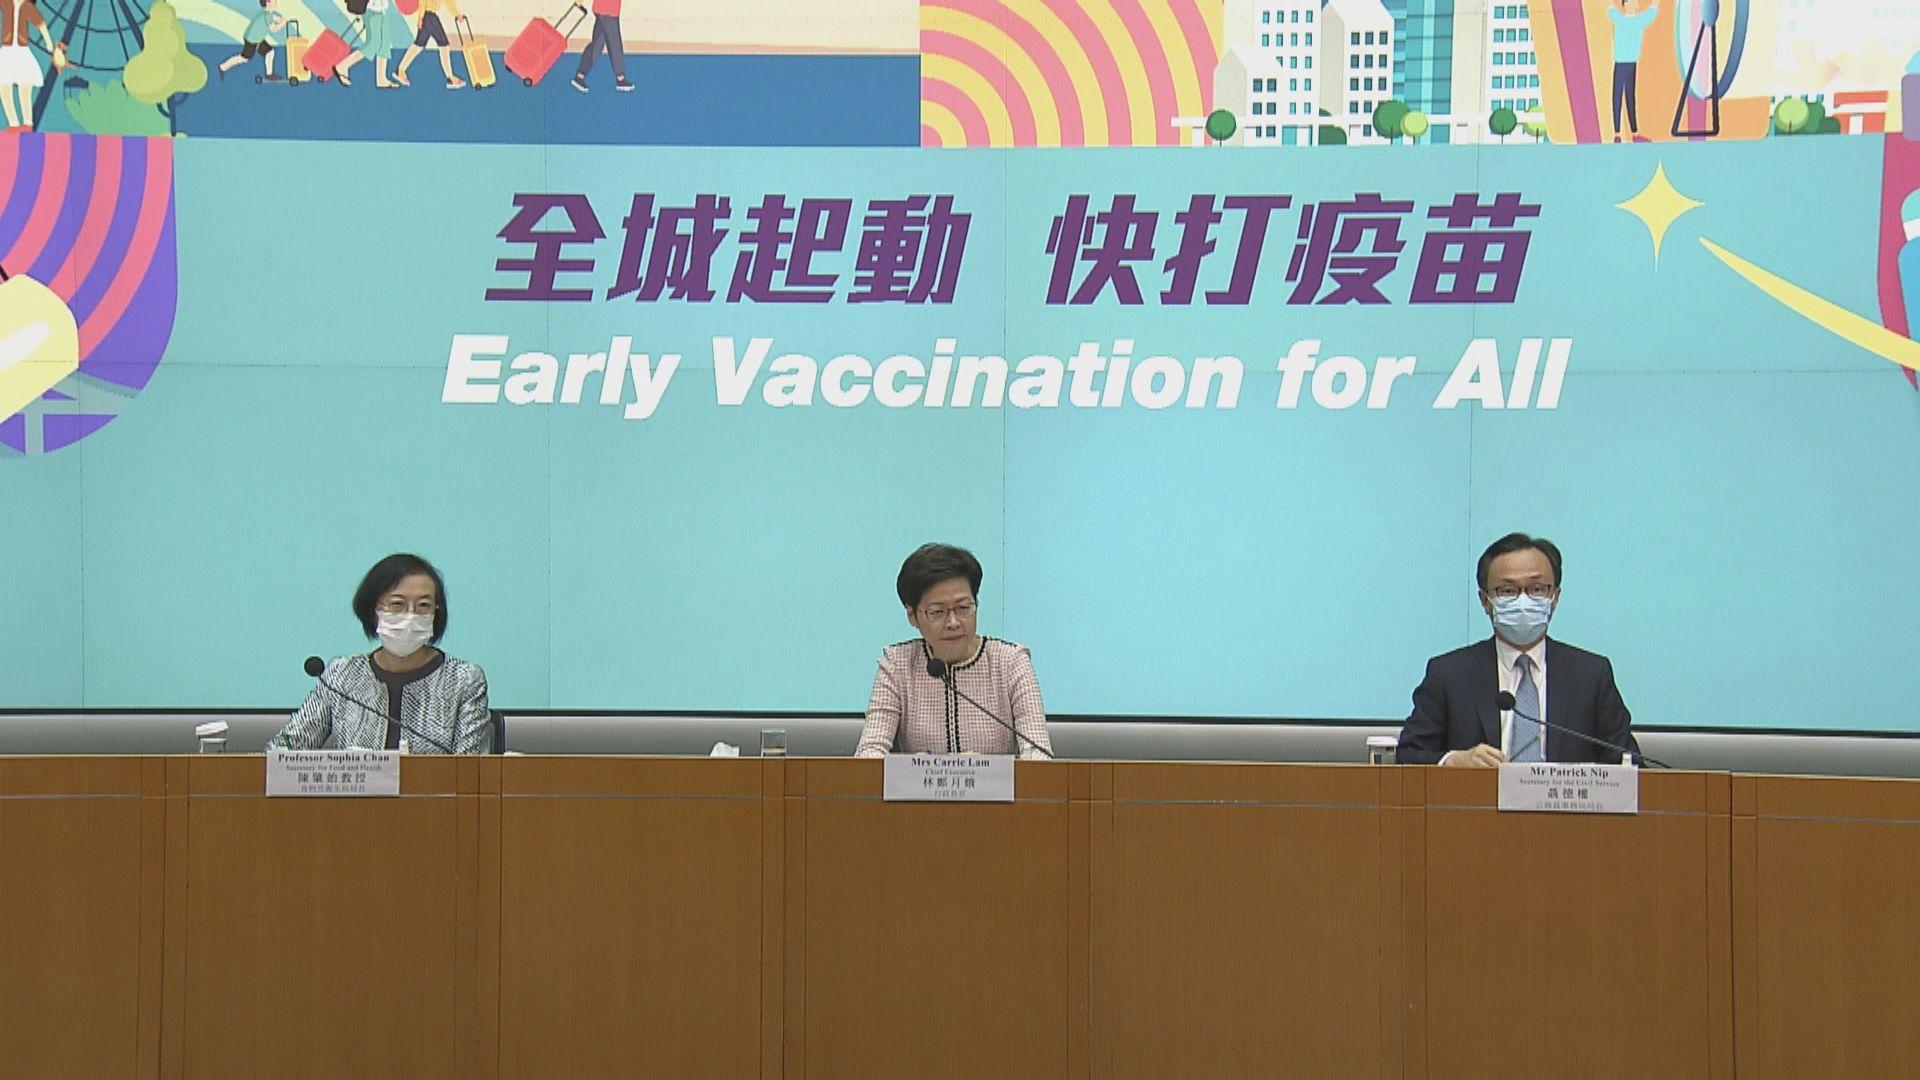 政府推疫苗獎賞 公務員及政府僱員可獲假期每劑一天